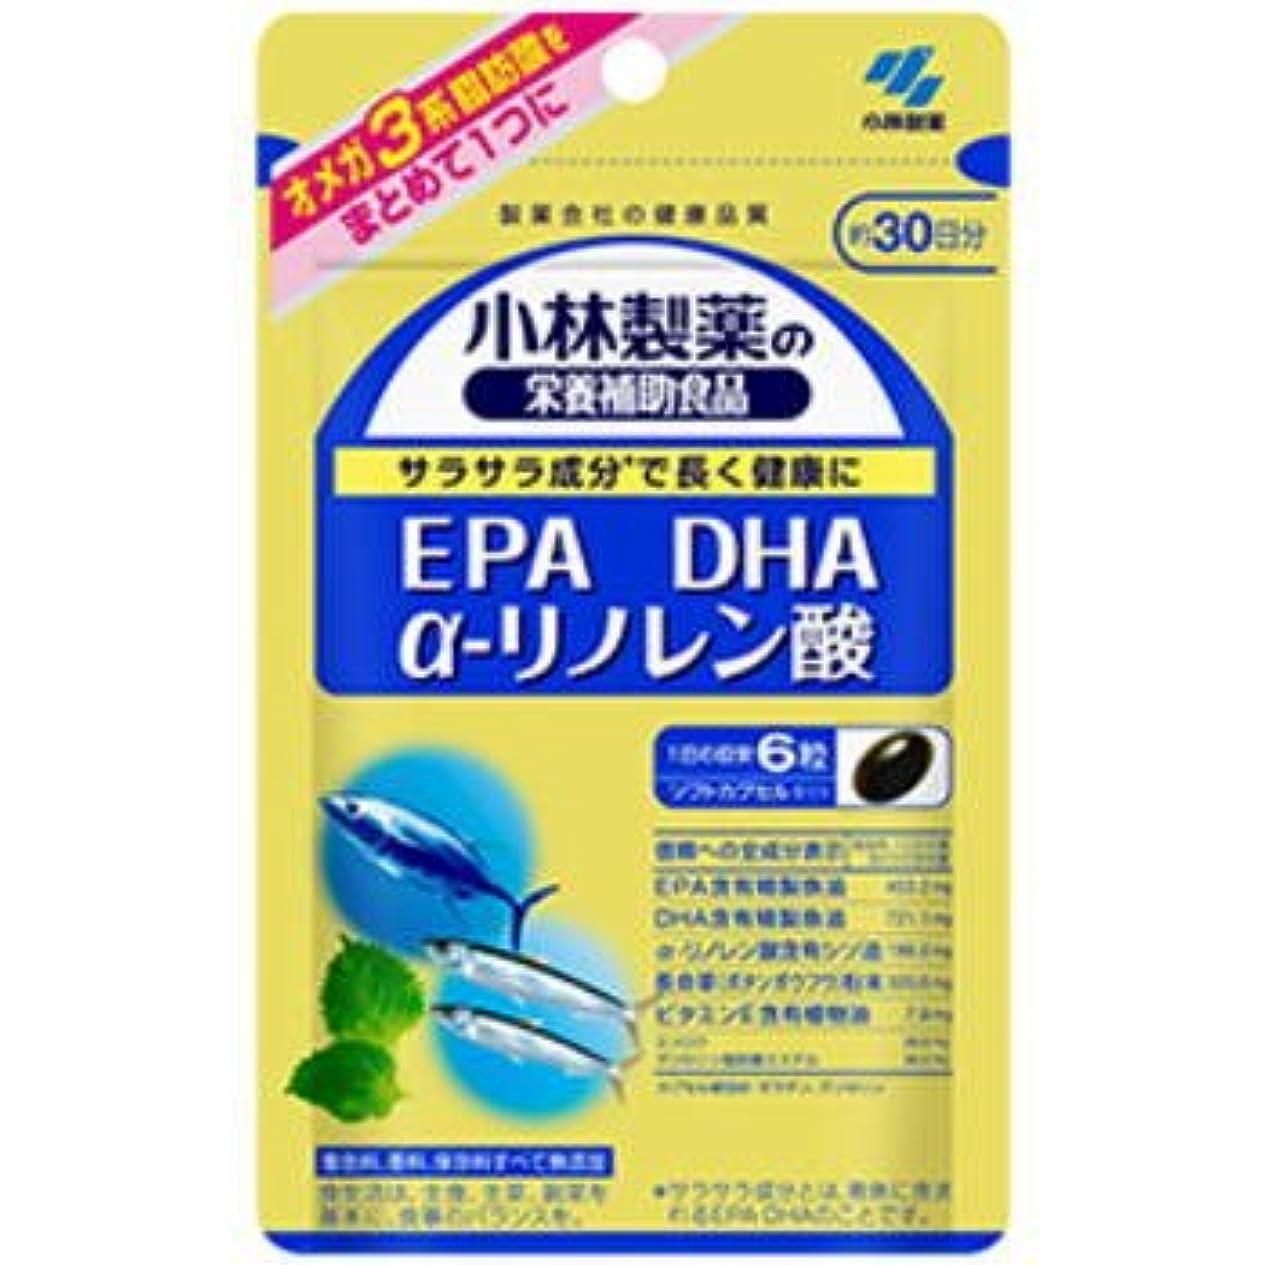 うまれた普通に浮浪者小林製薬 EPA DHA α-リノレン酸 180粒×3個セット【ネコポス発送】